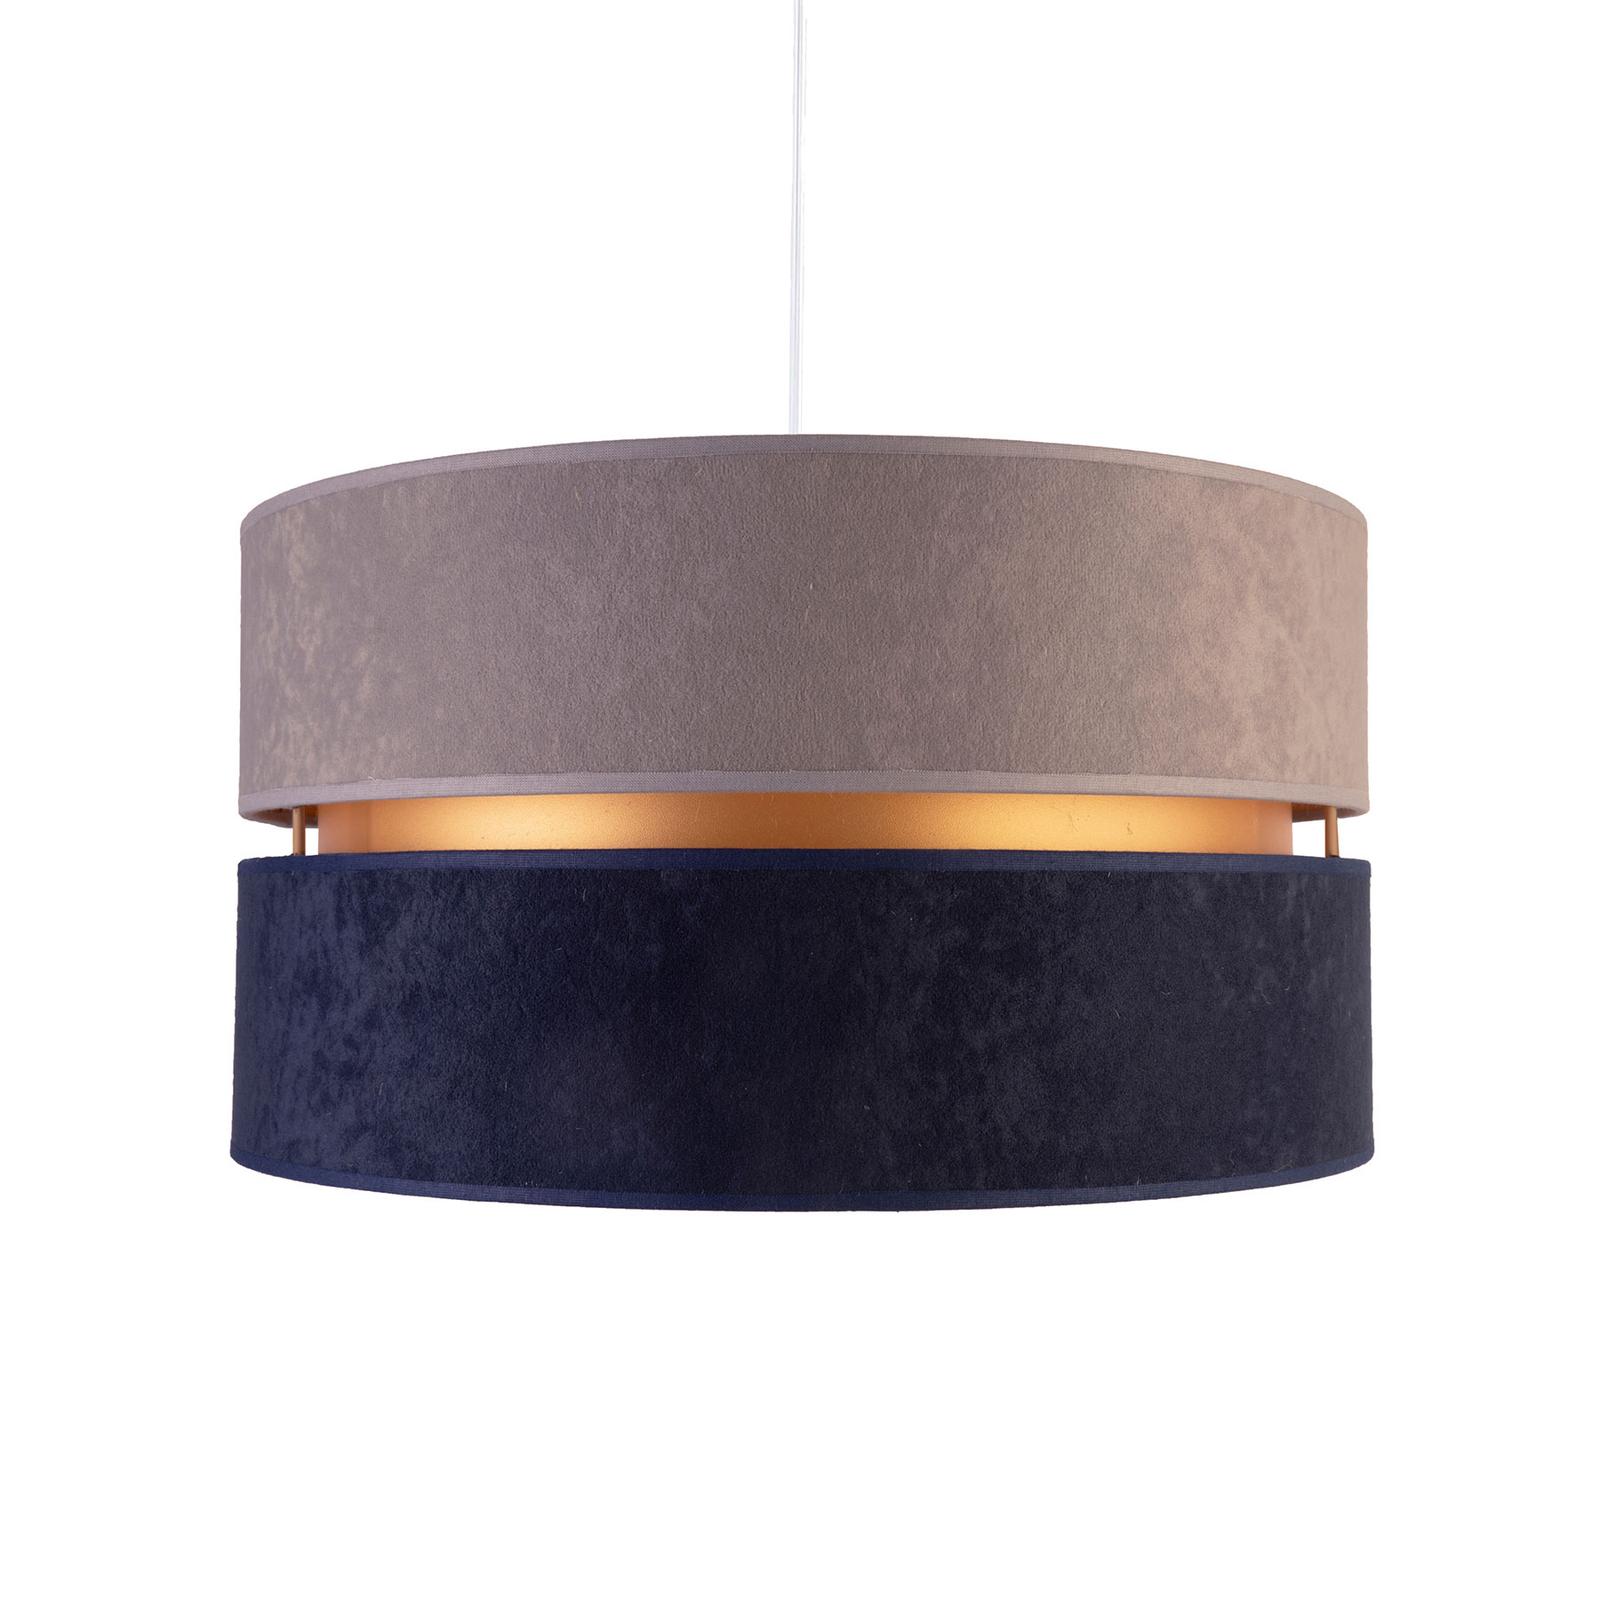 Lampa wisząca Duo, granatowa/beżowa/złota